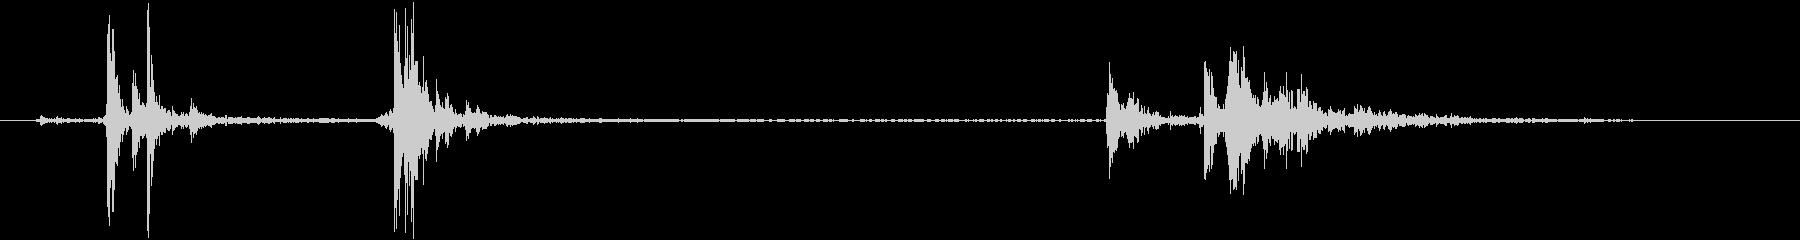 プレスバー付きの金属製ロビーエント...の未再生の波形